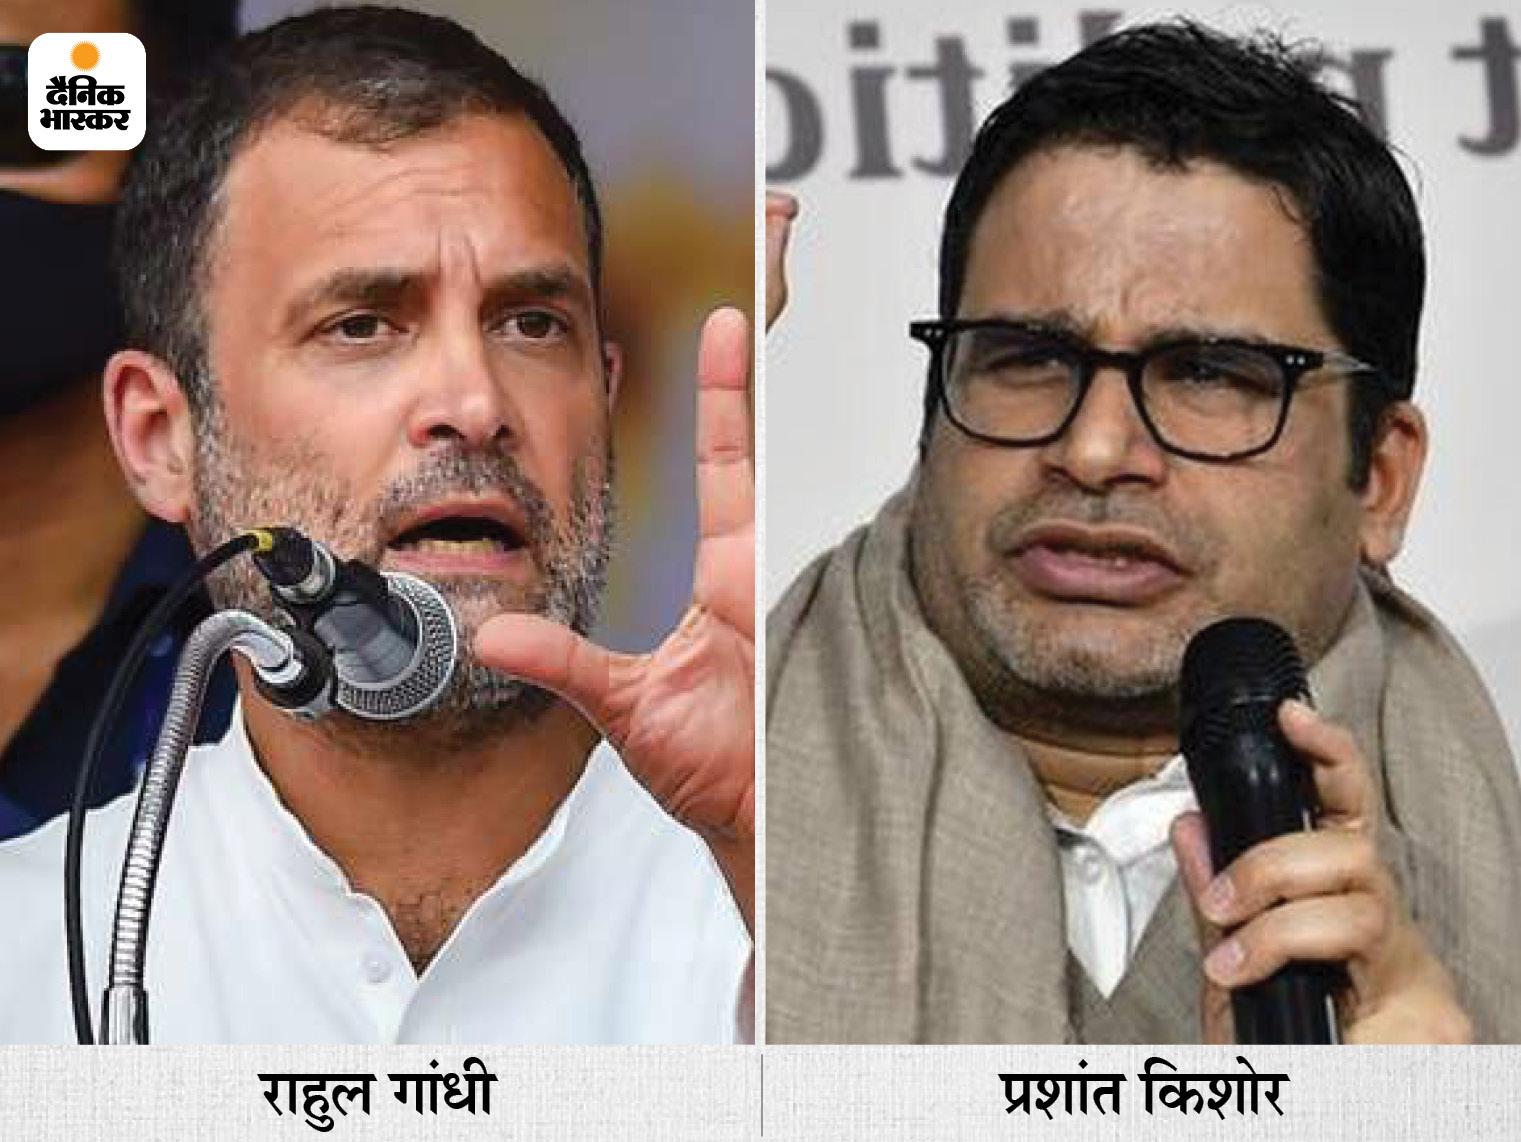 सिद्धू ने AAP में जाने के संकेत दिए तो राहुल से मिलने पहुंचे अमरिंदर के सलाहकार प्रशांत किशोर, इलेक्शन से पहले सुलह की कोशिश|देश,National - Dainik Bhaskar